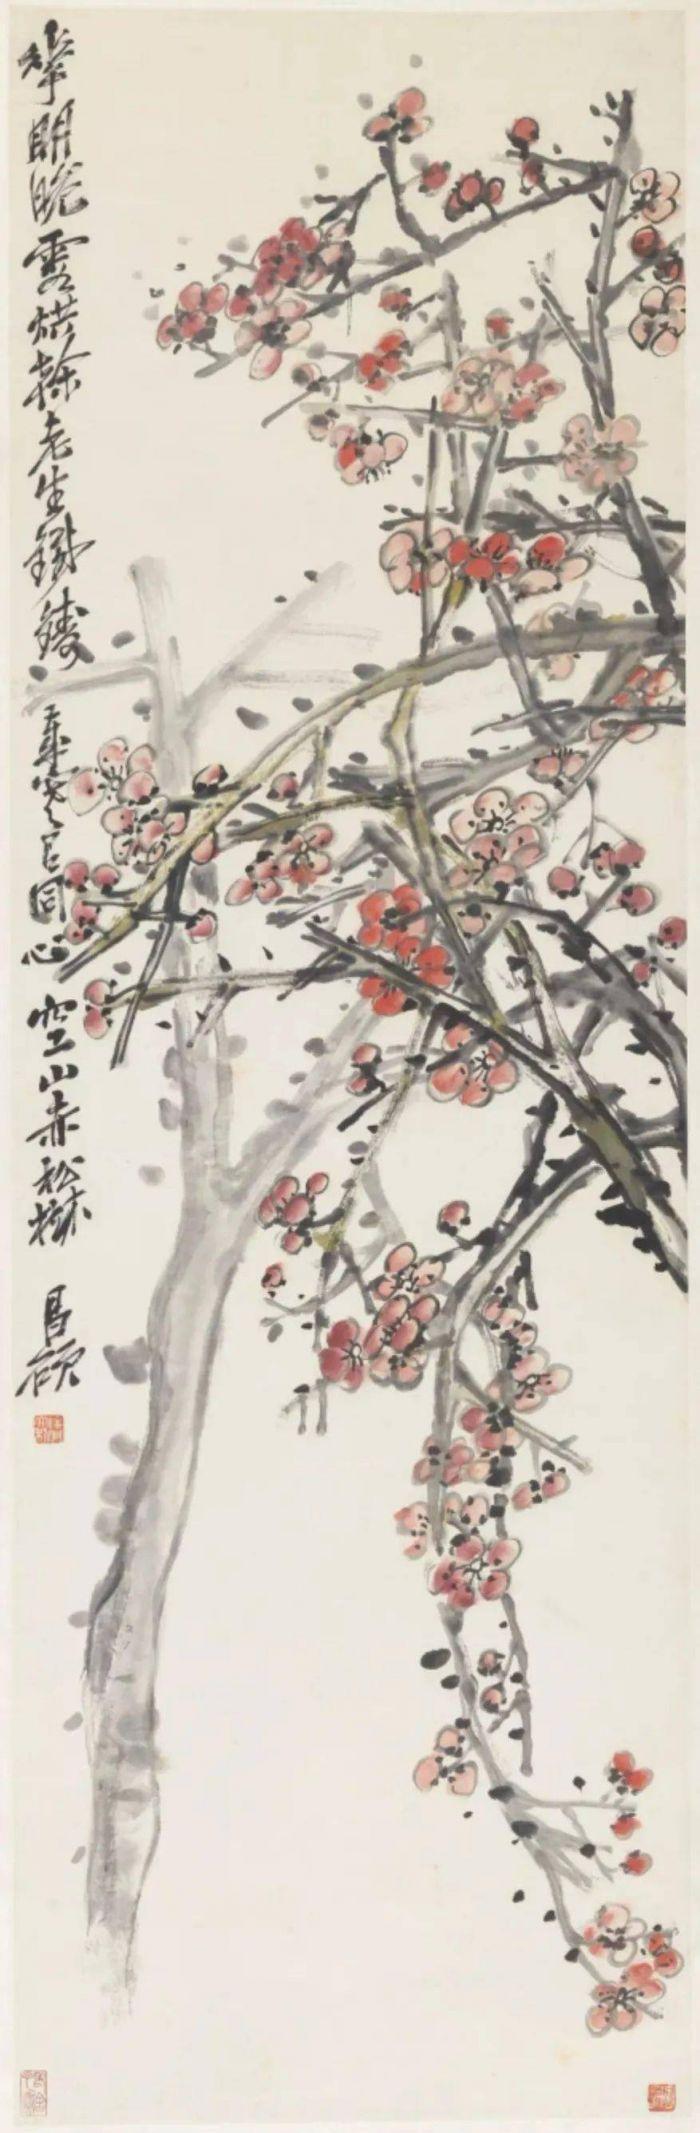 向捐赠者致敬:中国美术馆藏捐赠作品展